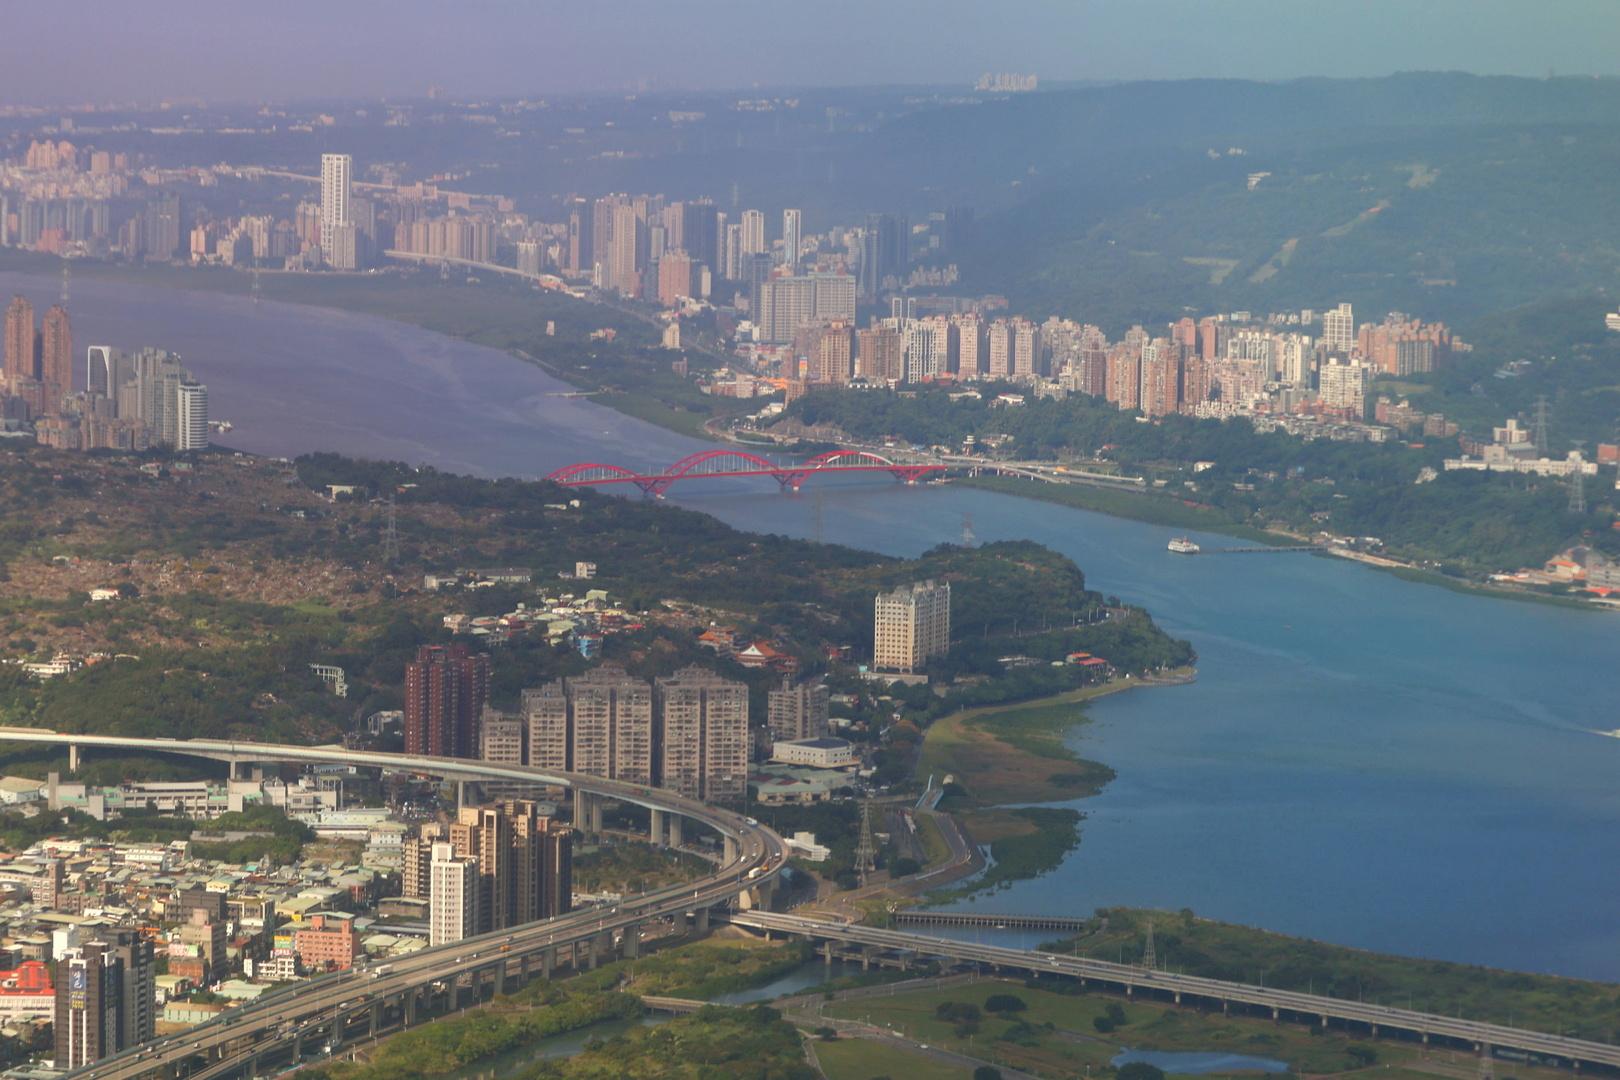 خارجية تايوان: من الضروري أن نستعد لنزاع محتمل مع الصين